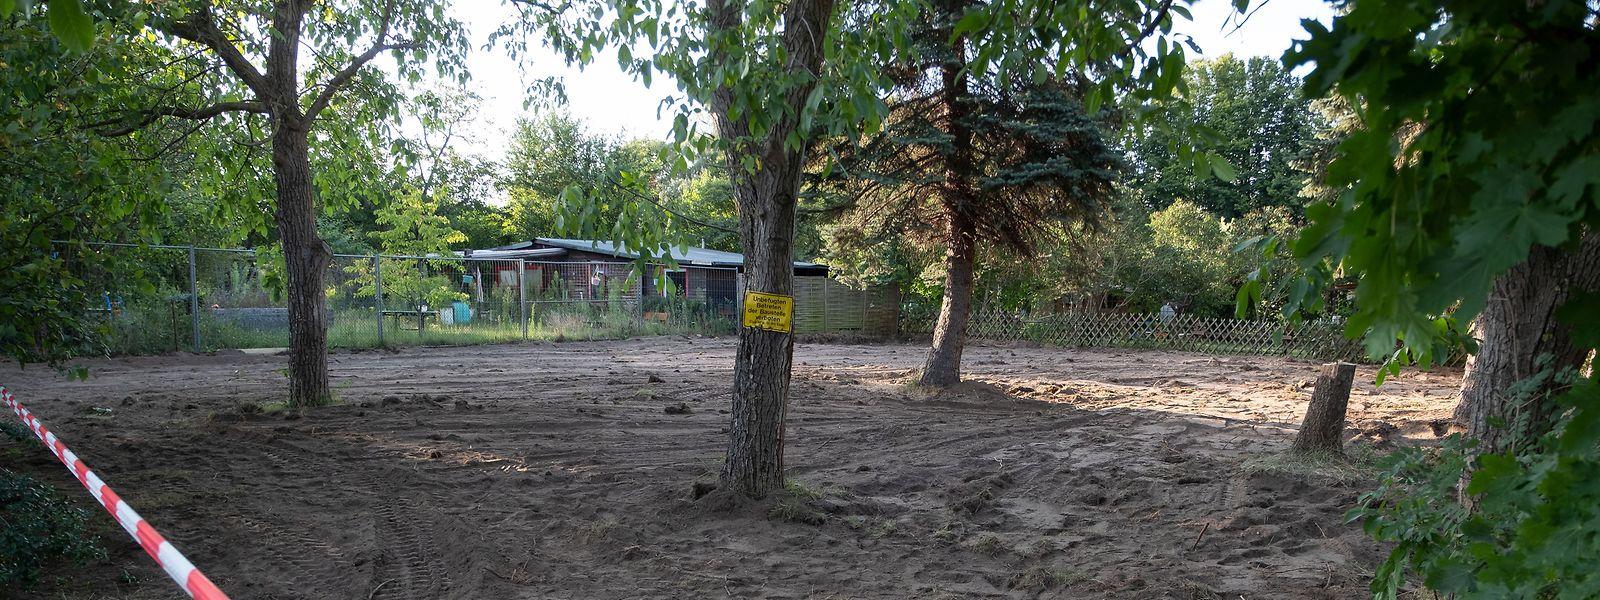 Die Kleingarten-Parzelle bei Seelze nach Beendigung der Polizeiaktion im Fall der vor 13 Jahren verschwundenenkleinen Maddie McCann.